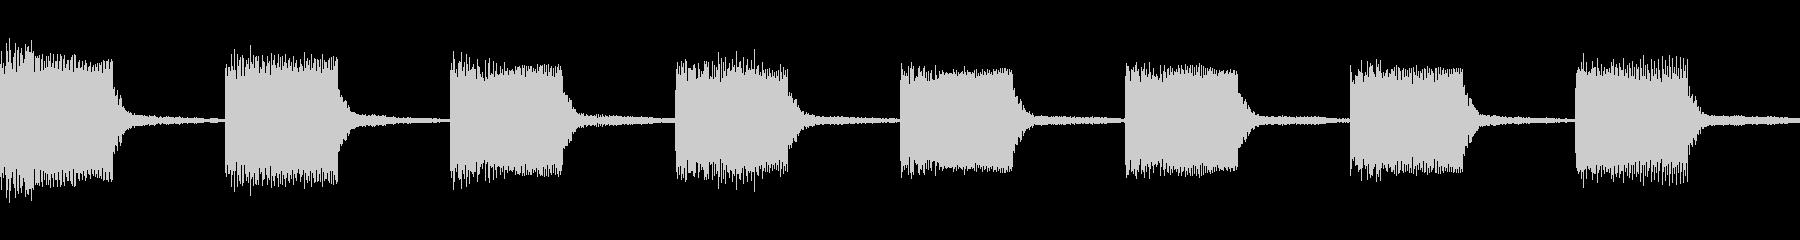 警告音 アラート 緊急事態01(ループ)の未再生の波形